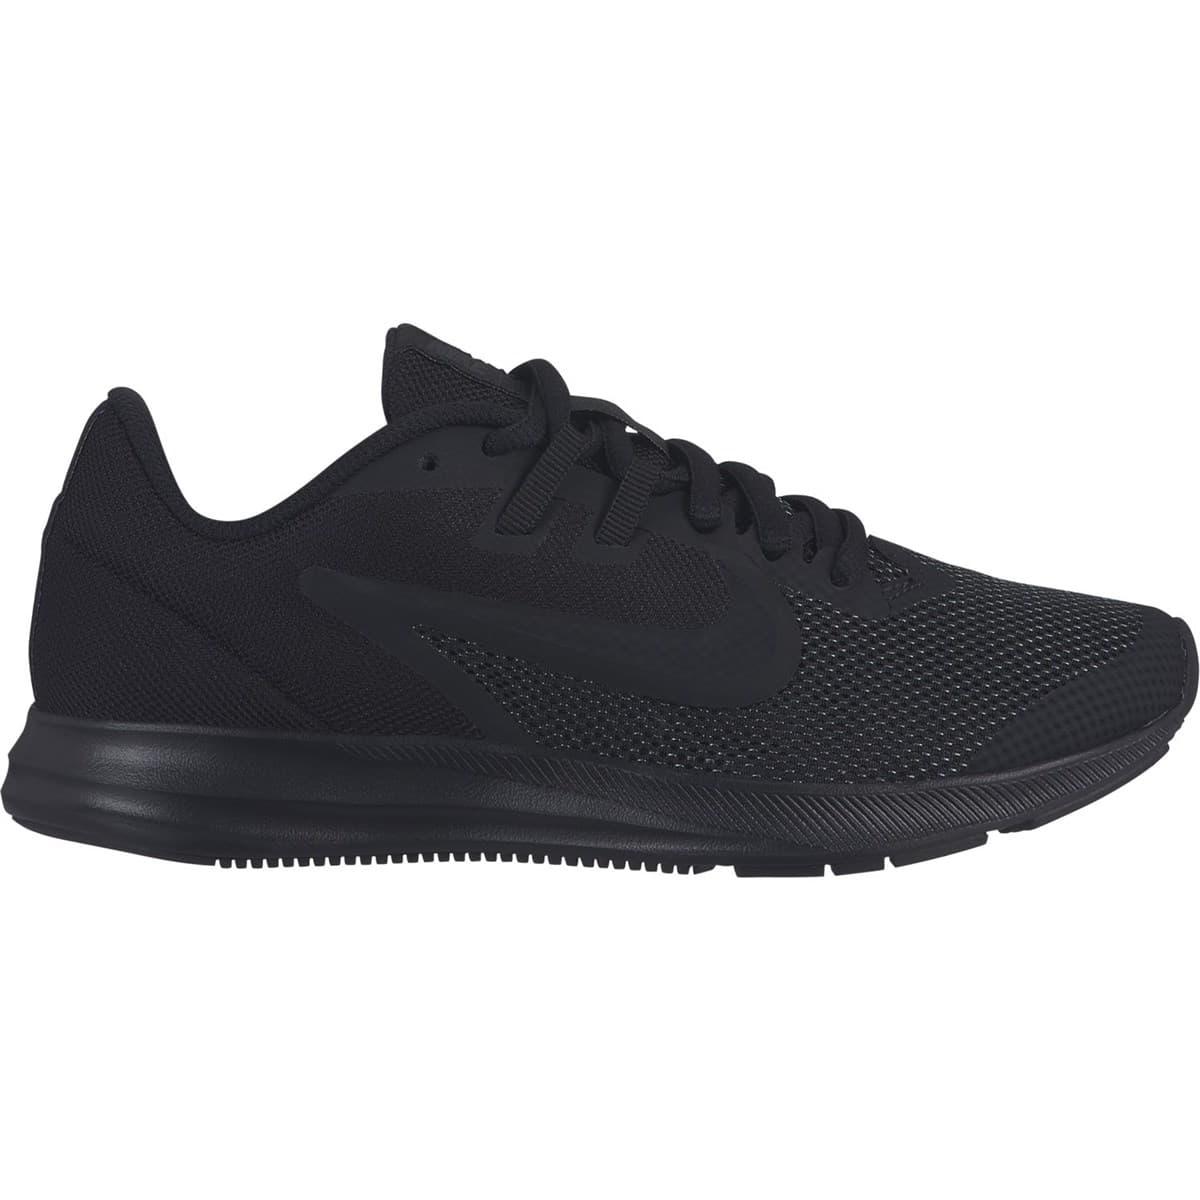 Downshifter 9 Kadın Siyah Koşu Ayakkabısı (AR4135-001)